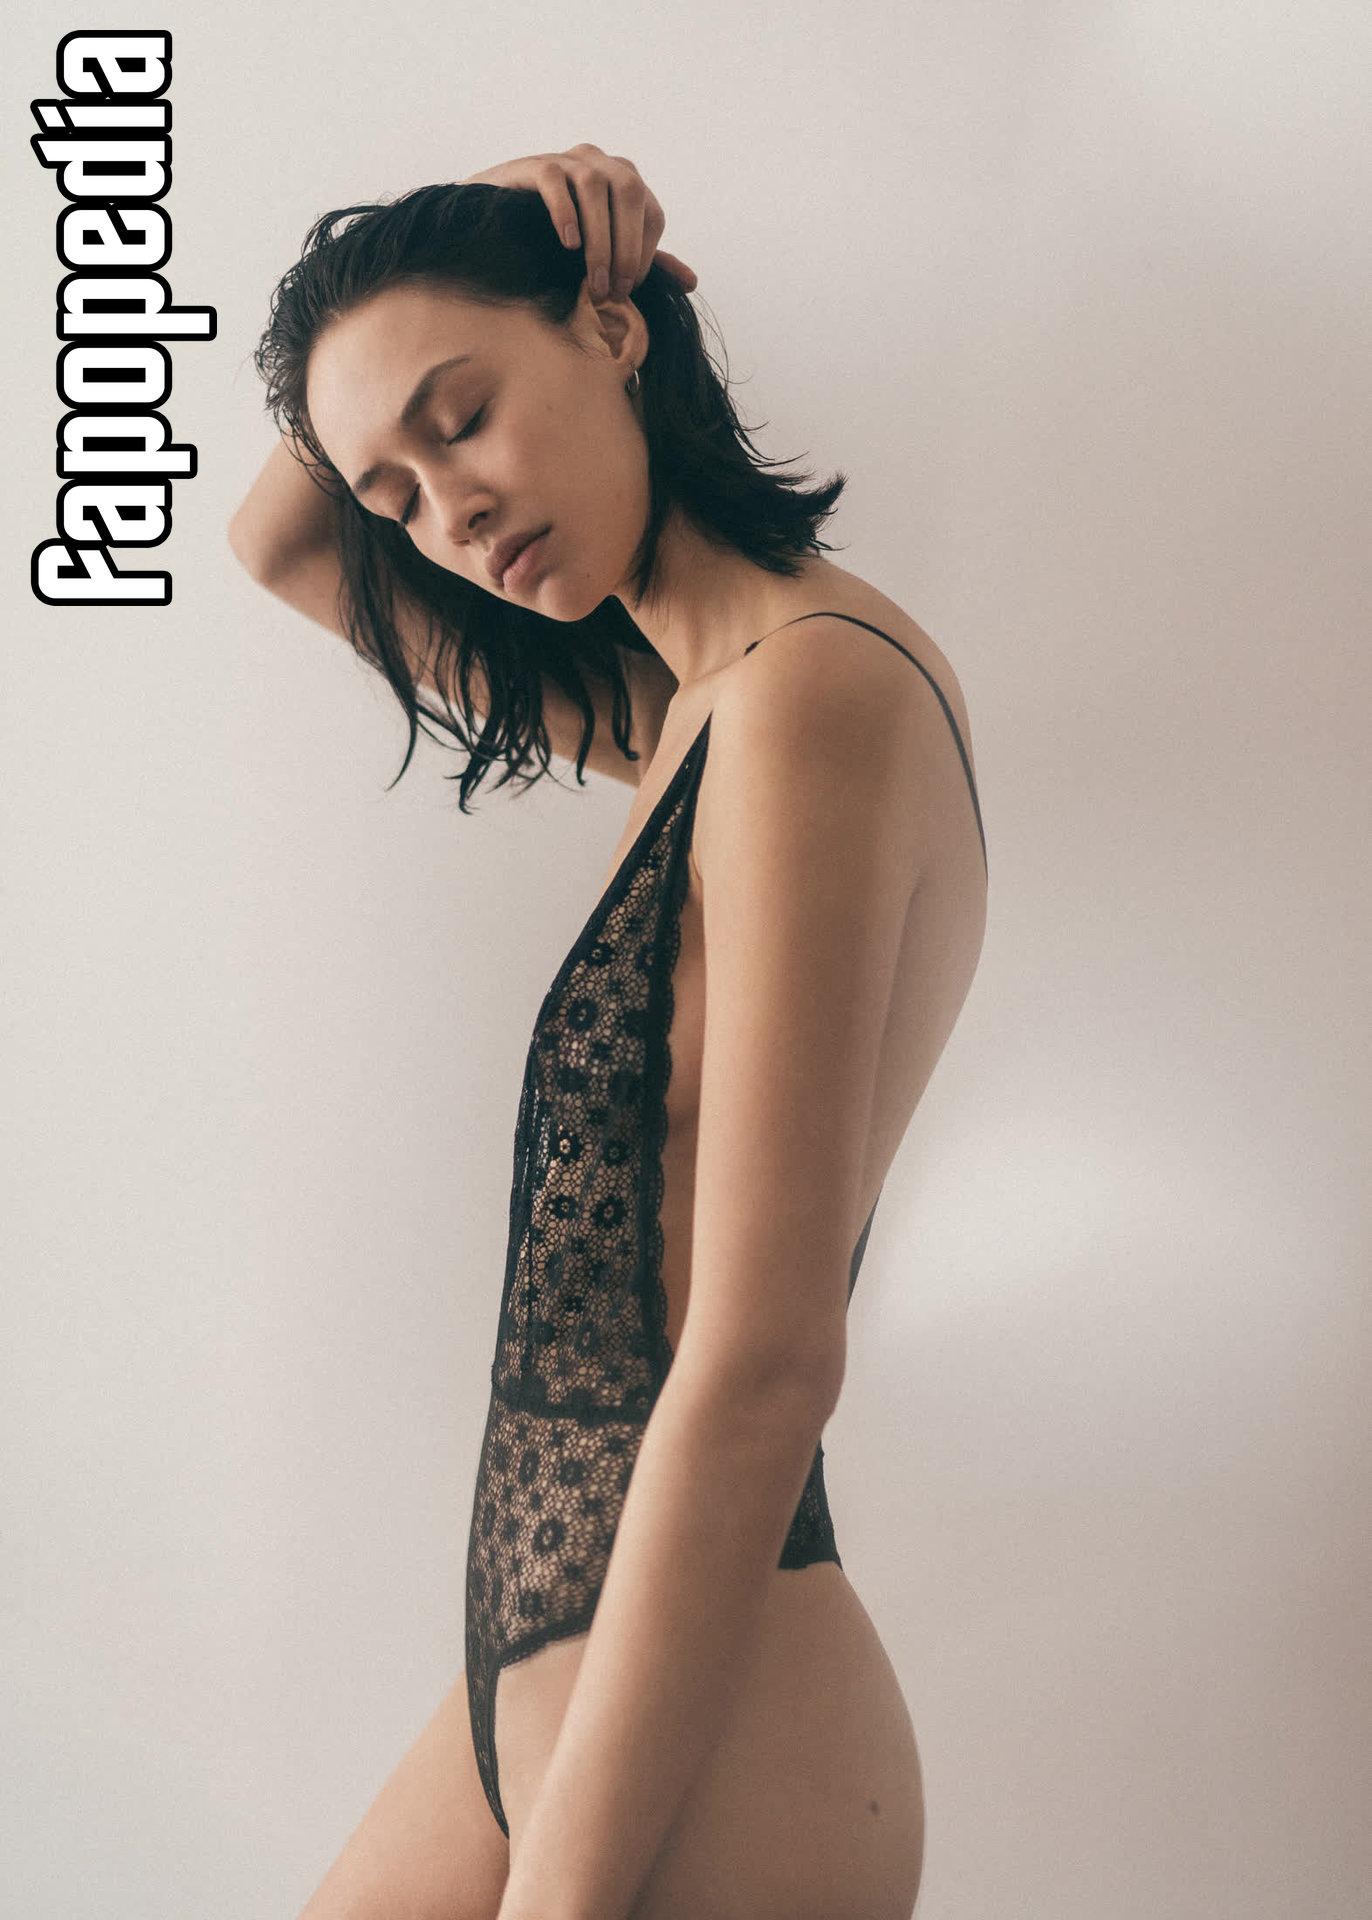 Raina Masters Nude Leaks